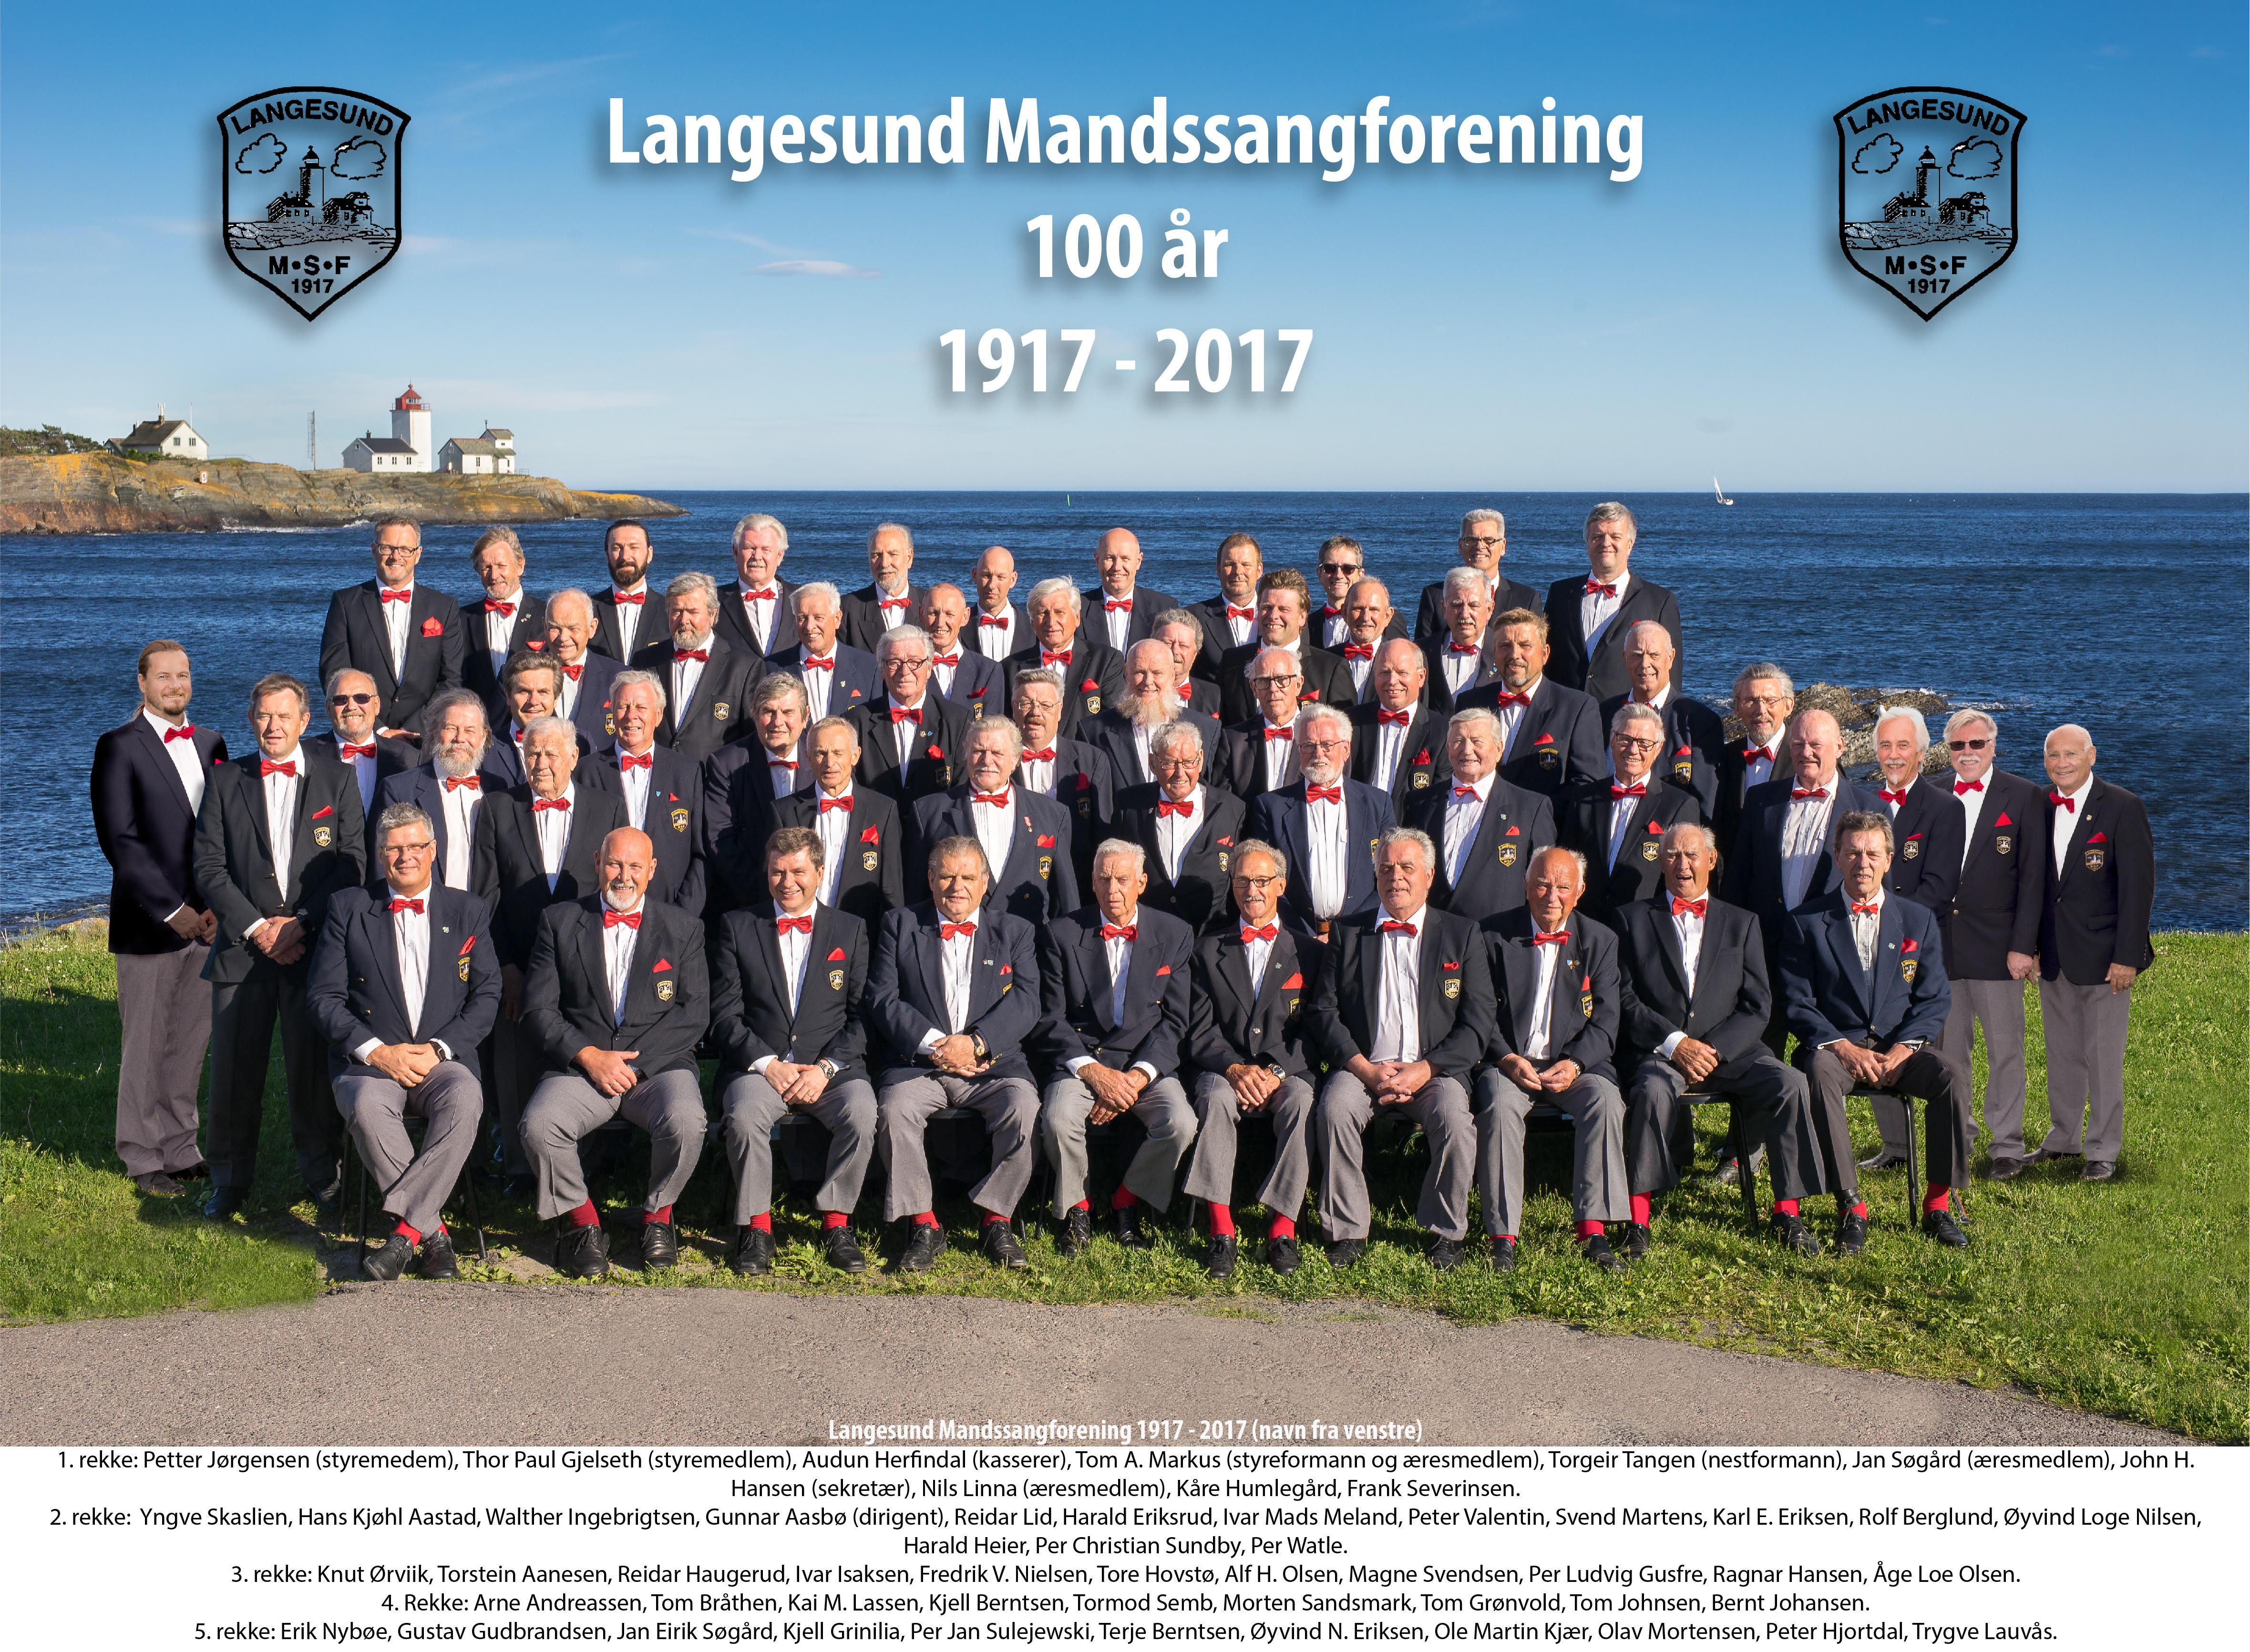 Langesund Mandssangforening 100 år, © LMSF